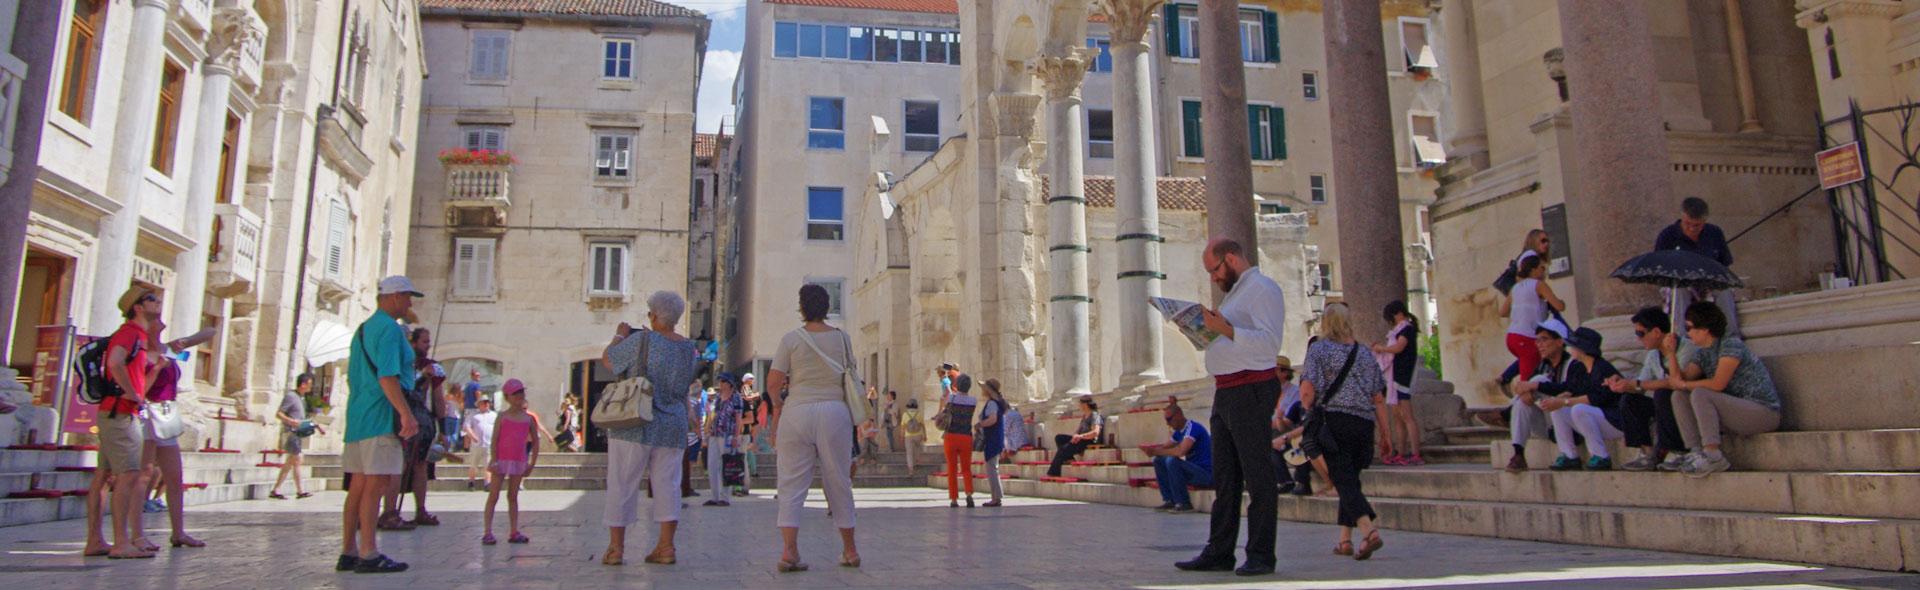 Der Kaiserpalast in Split